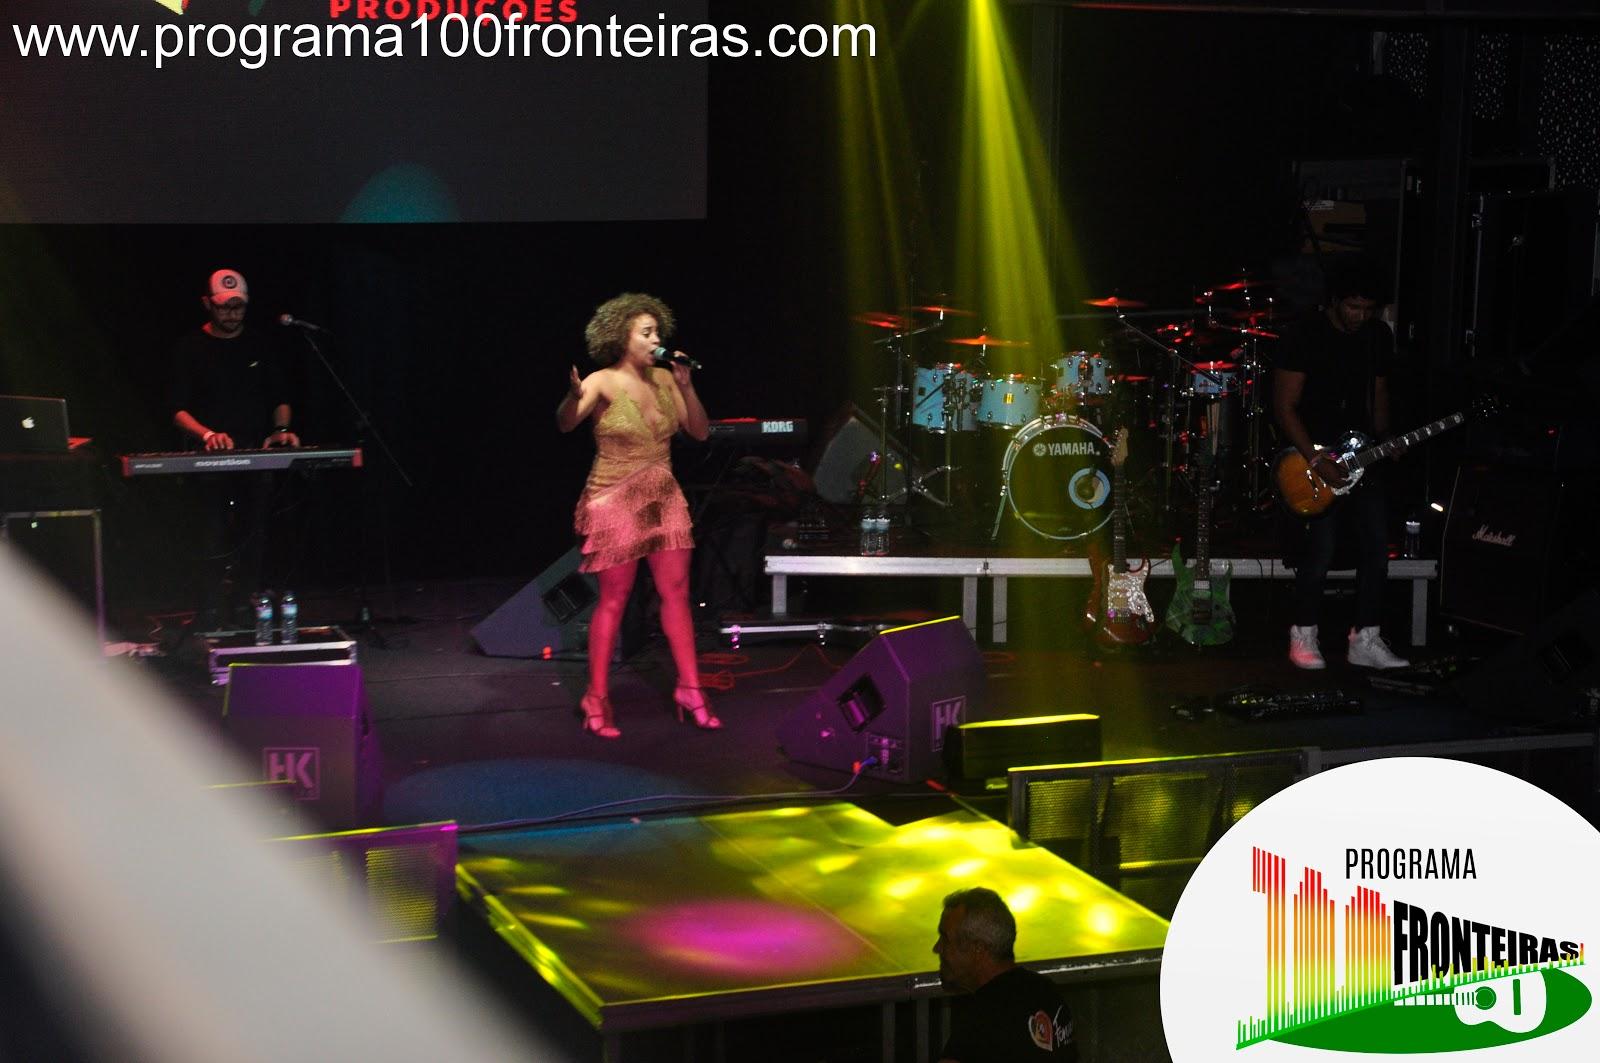 Swing Brasil arrebenta em Show ao vivo!